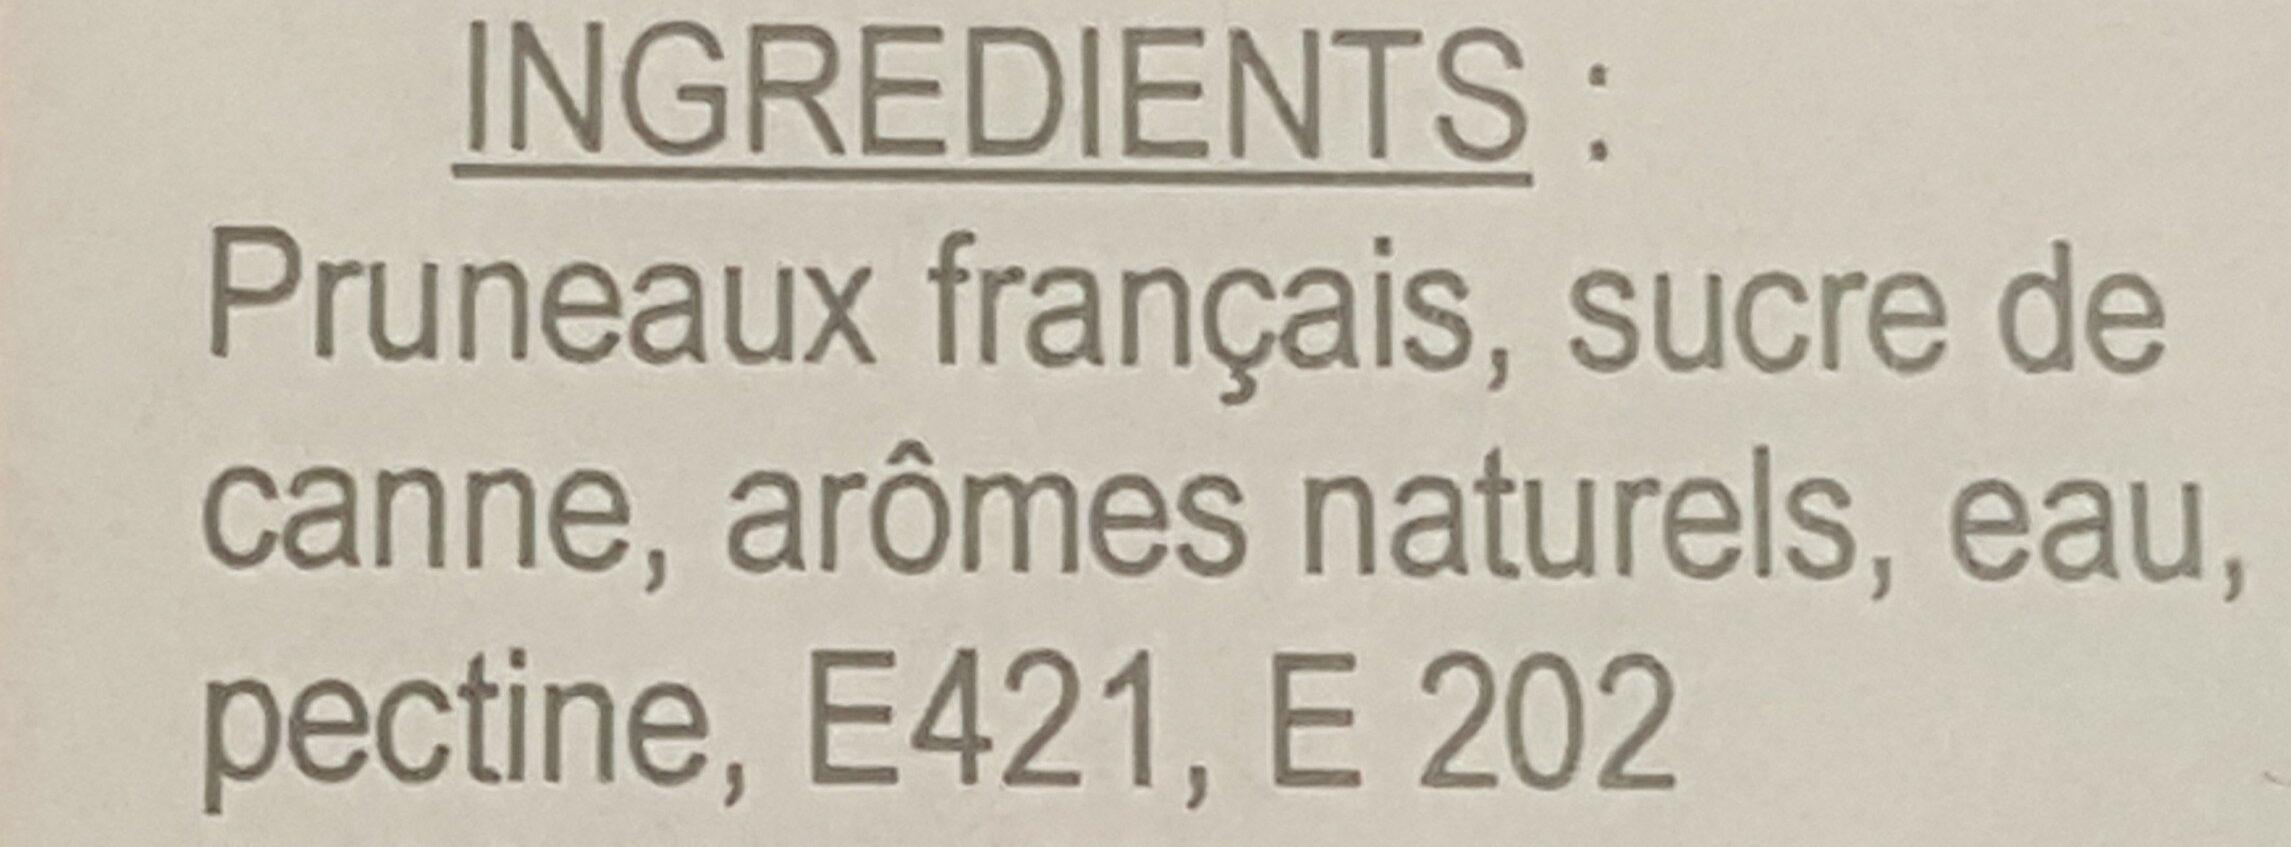 Pruneaux fourrés - Ingrédients